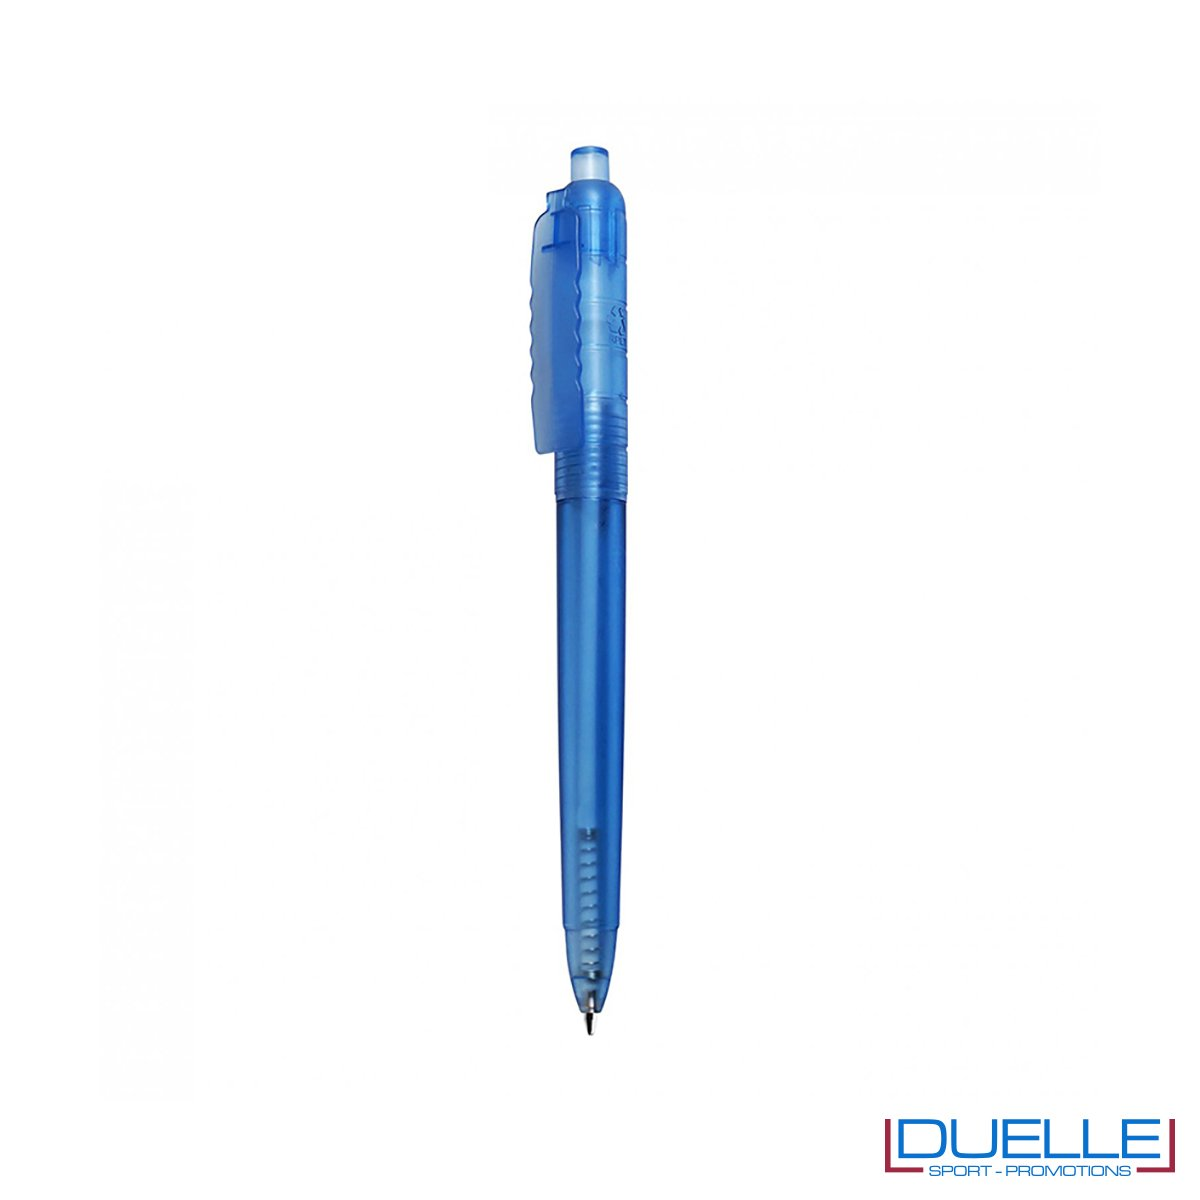 Penna a sfera in R-pet personalizzata colore blu